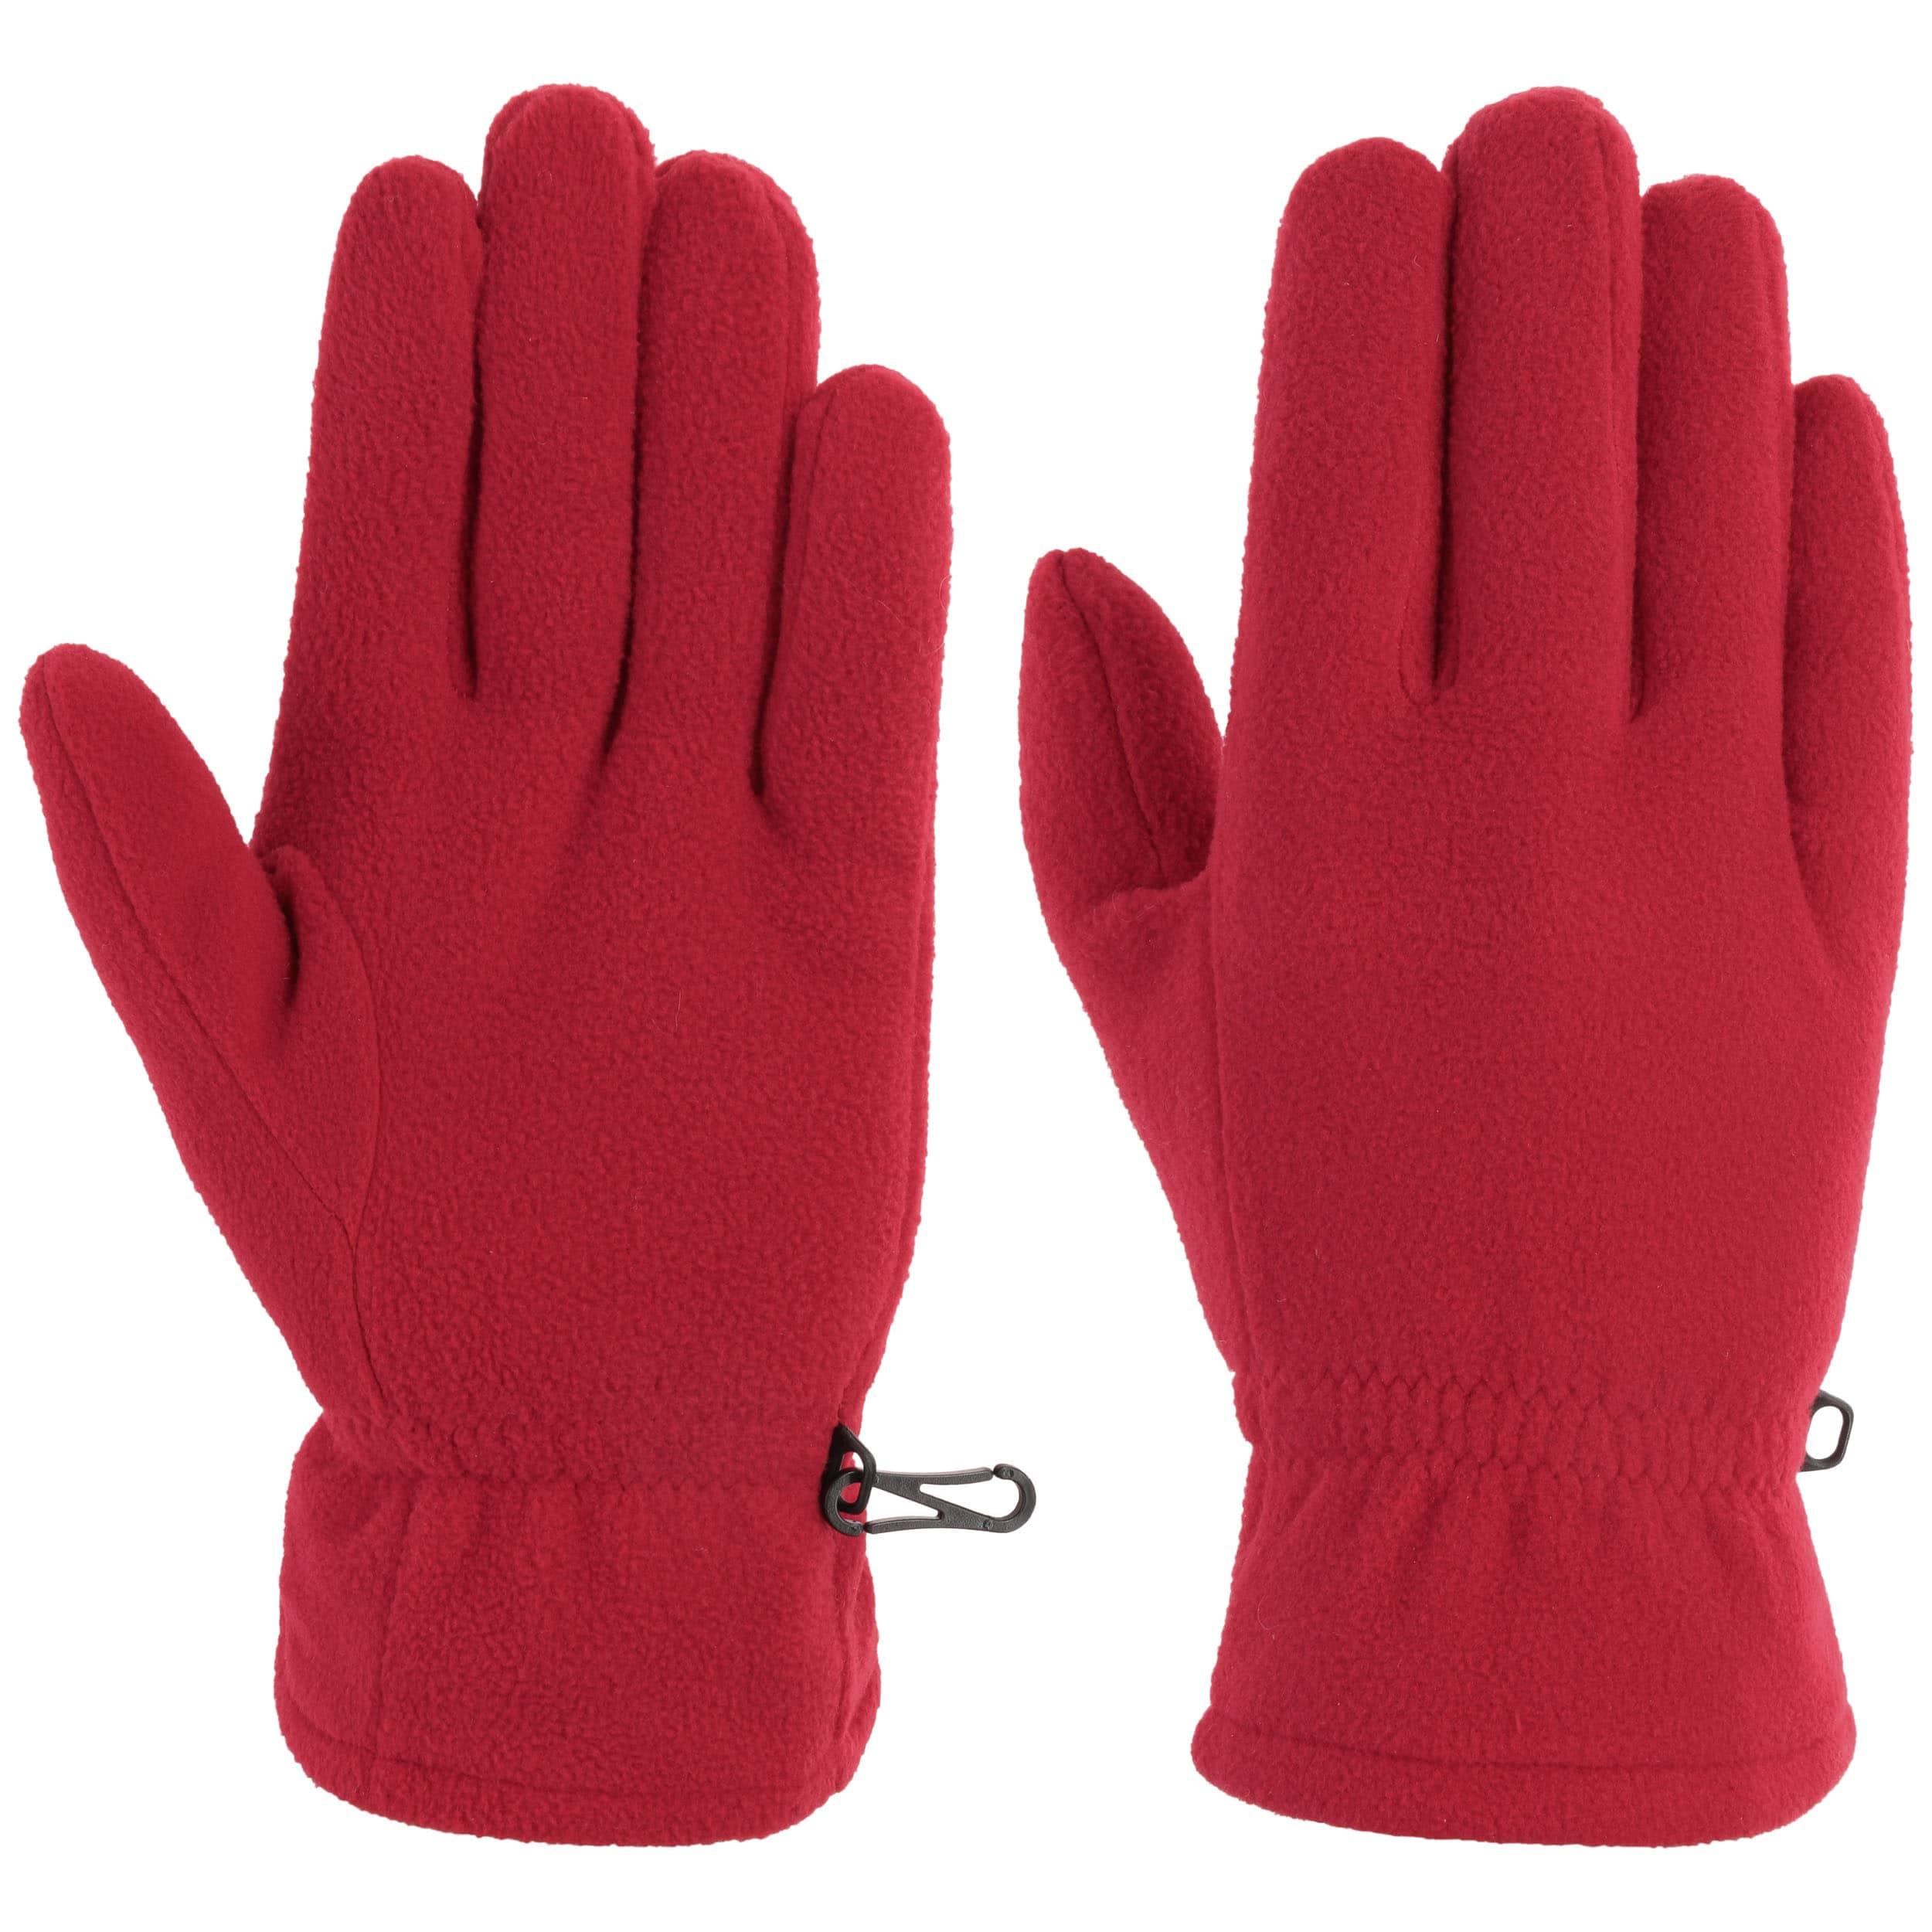 Compra guantes resistentes a disolventes online al por